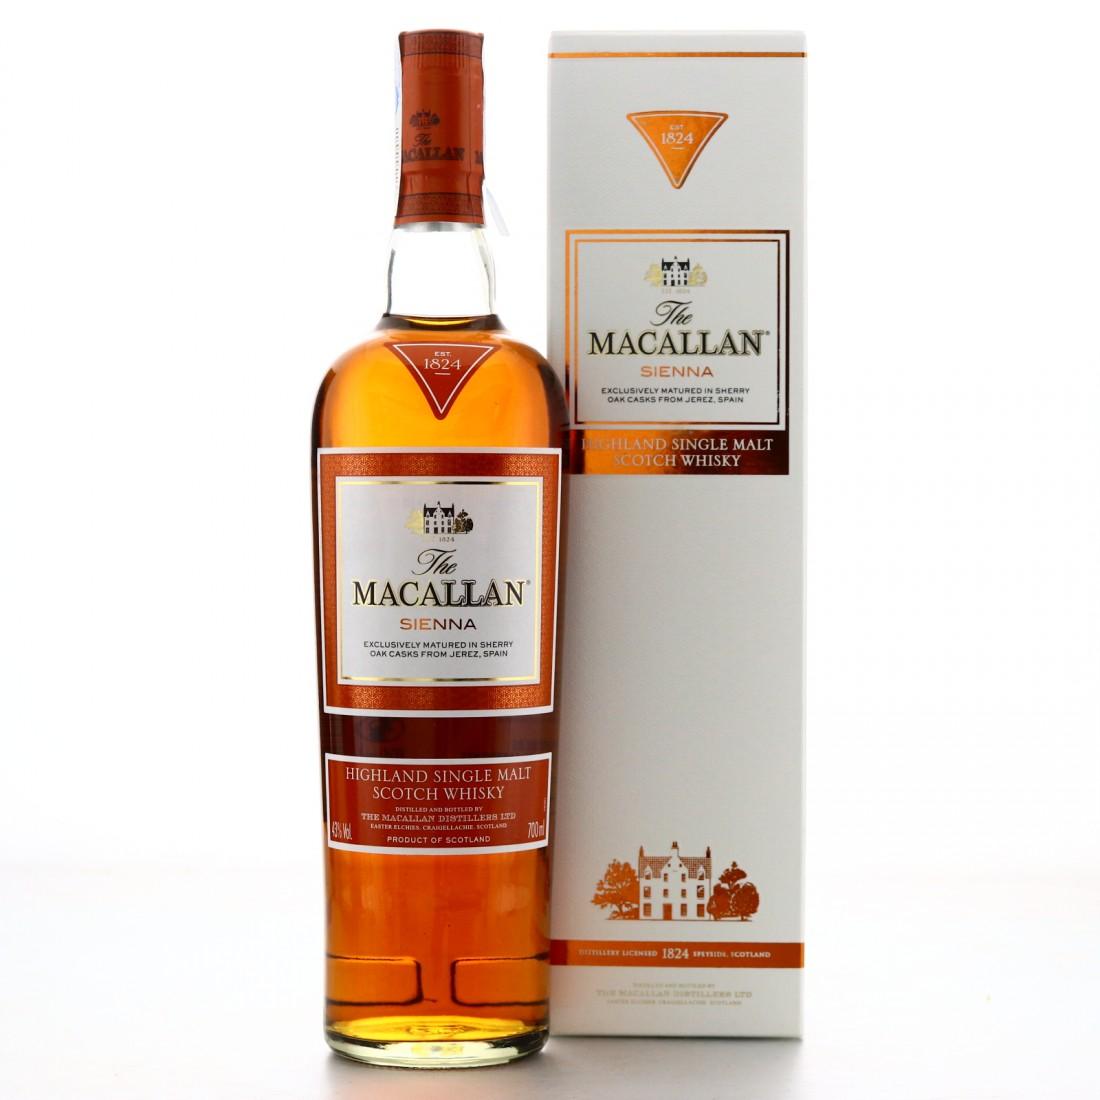 Macallan Sienna